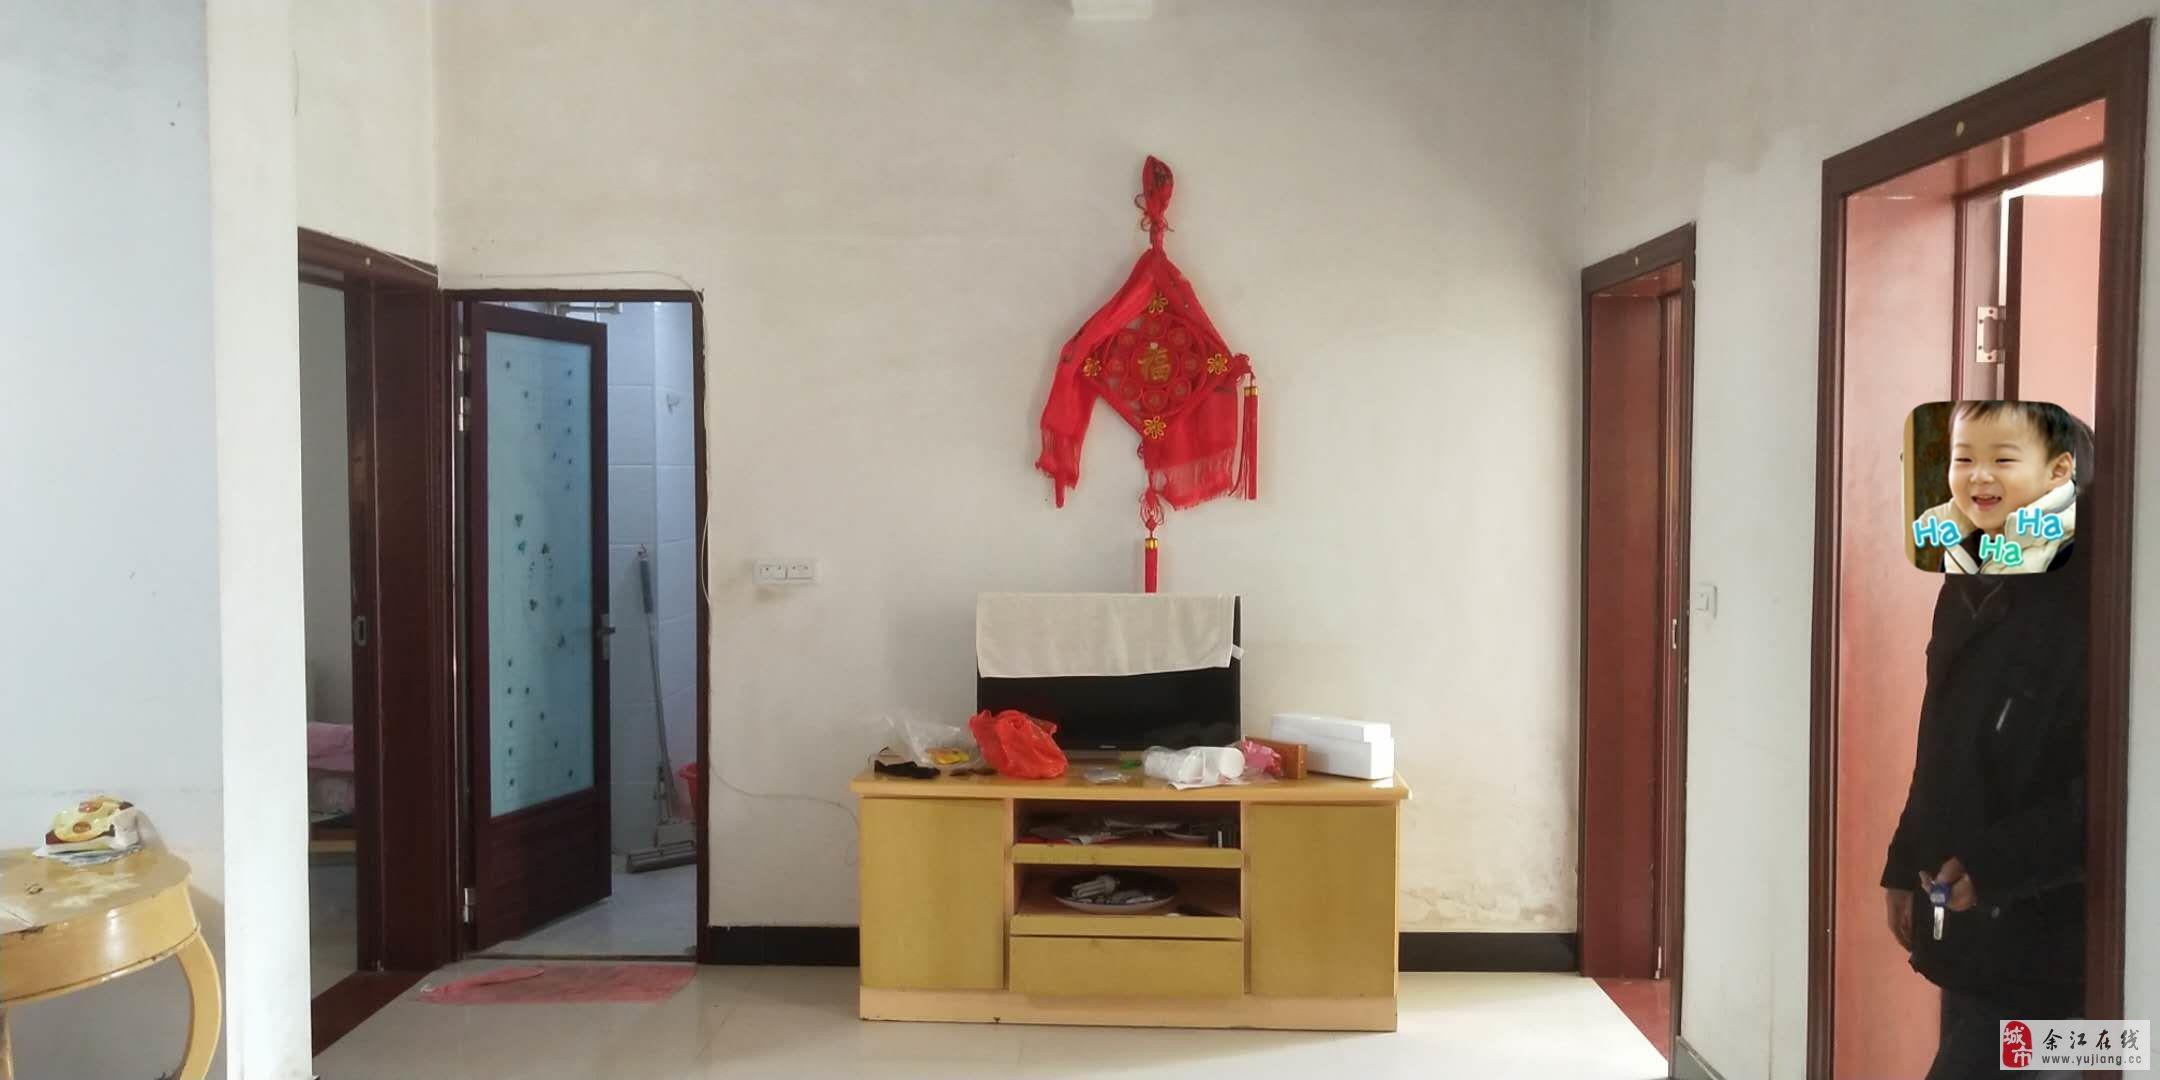 老县政府小区新房3室2厅1卫60万元(11号)